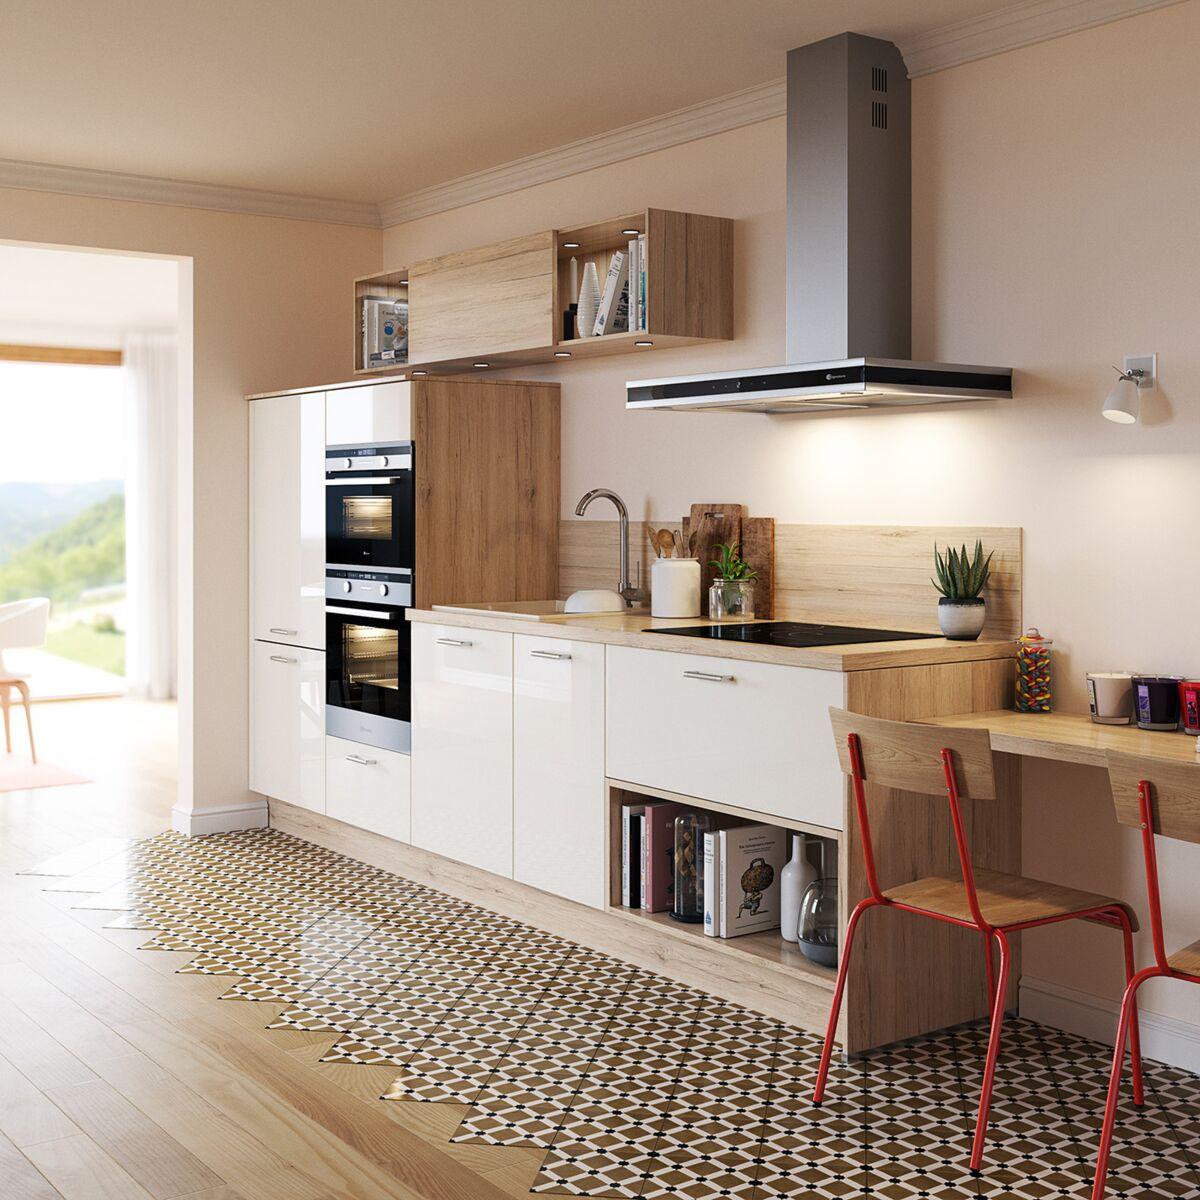 Mettre Un Miroir Dans Une Cuisine agencement de cuisine : 10 conseils pour aménager un espace